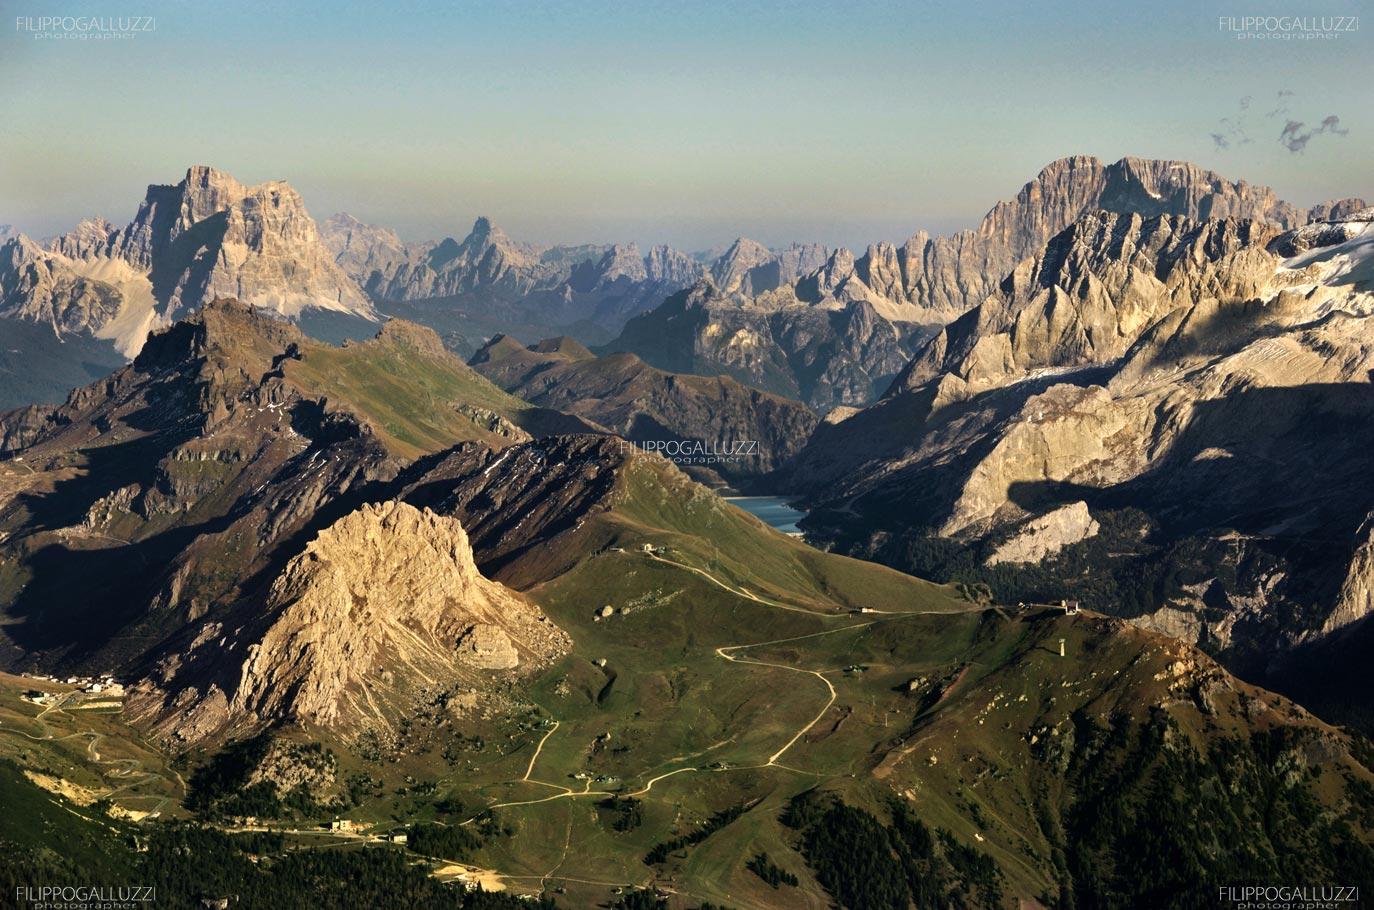 Dolomiti, Val di Fassa, fotografia aerea